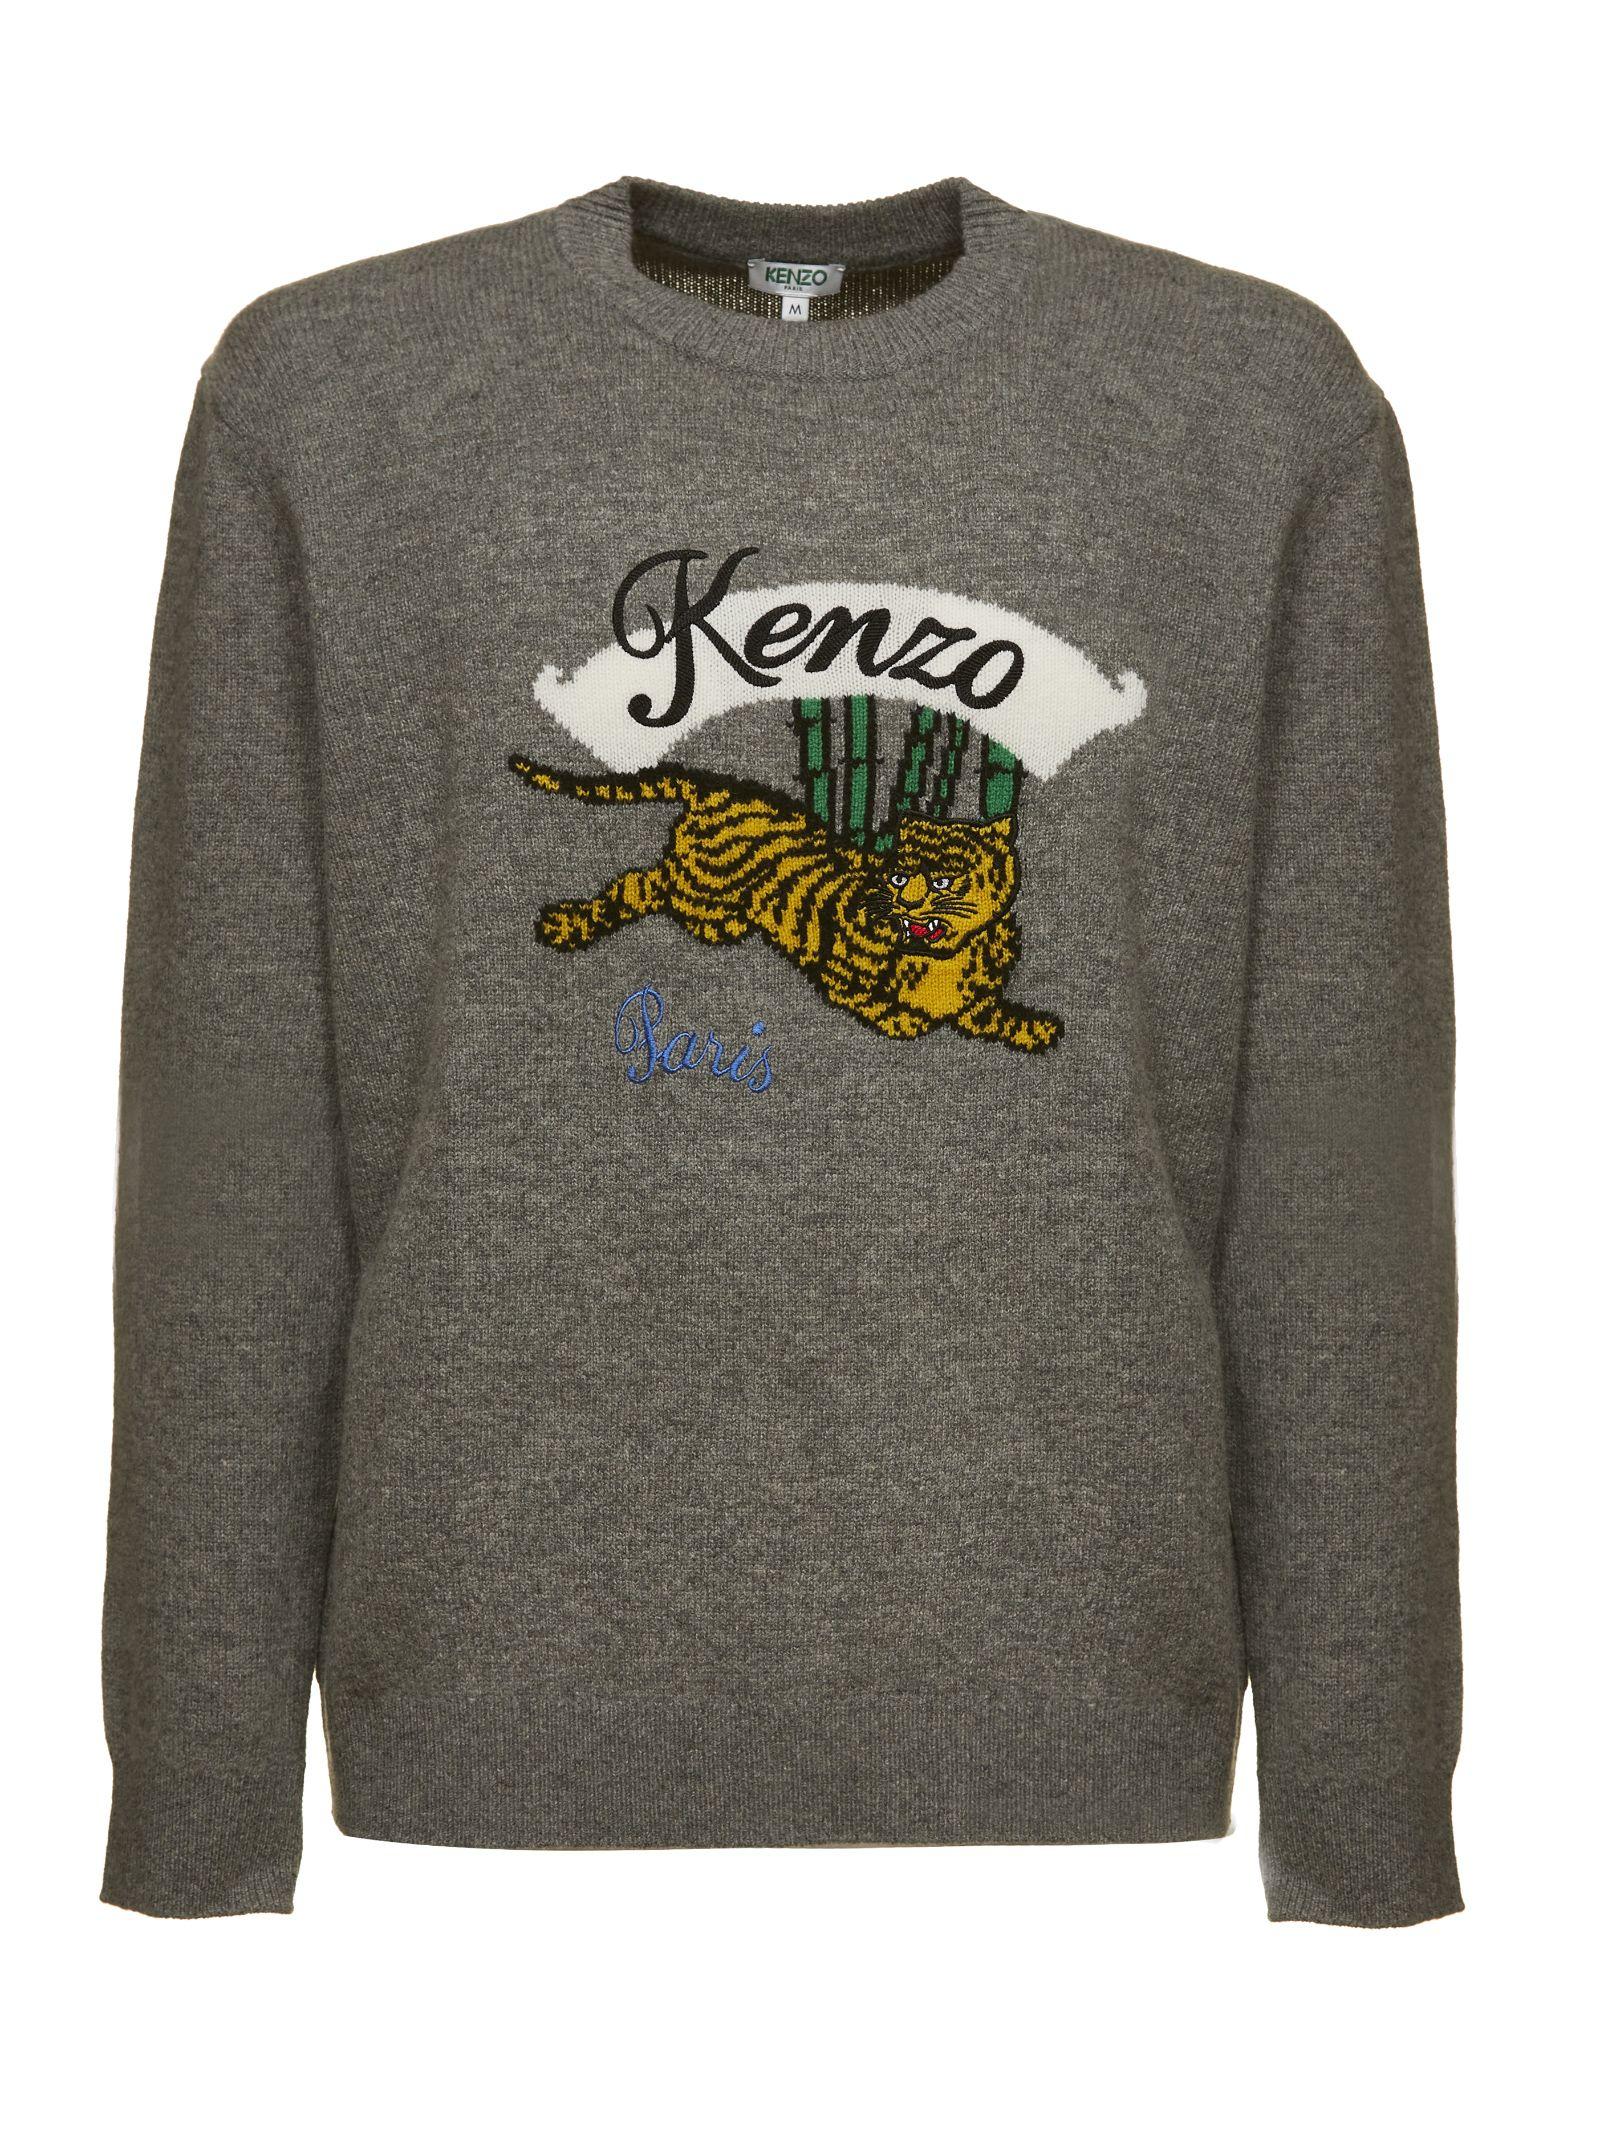 Kenzo Bamboo Tiger Sweater